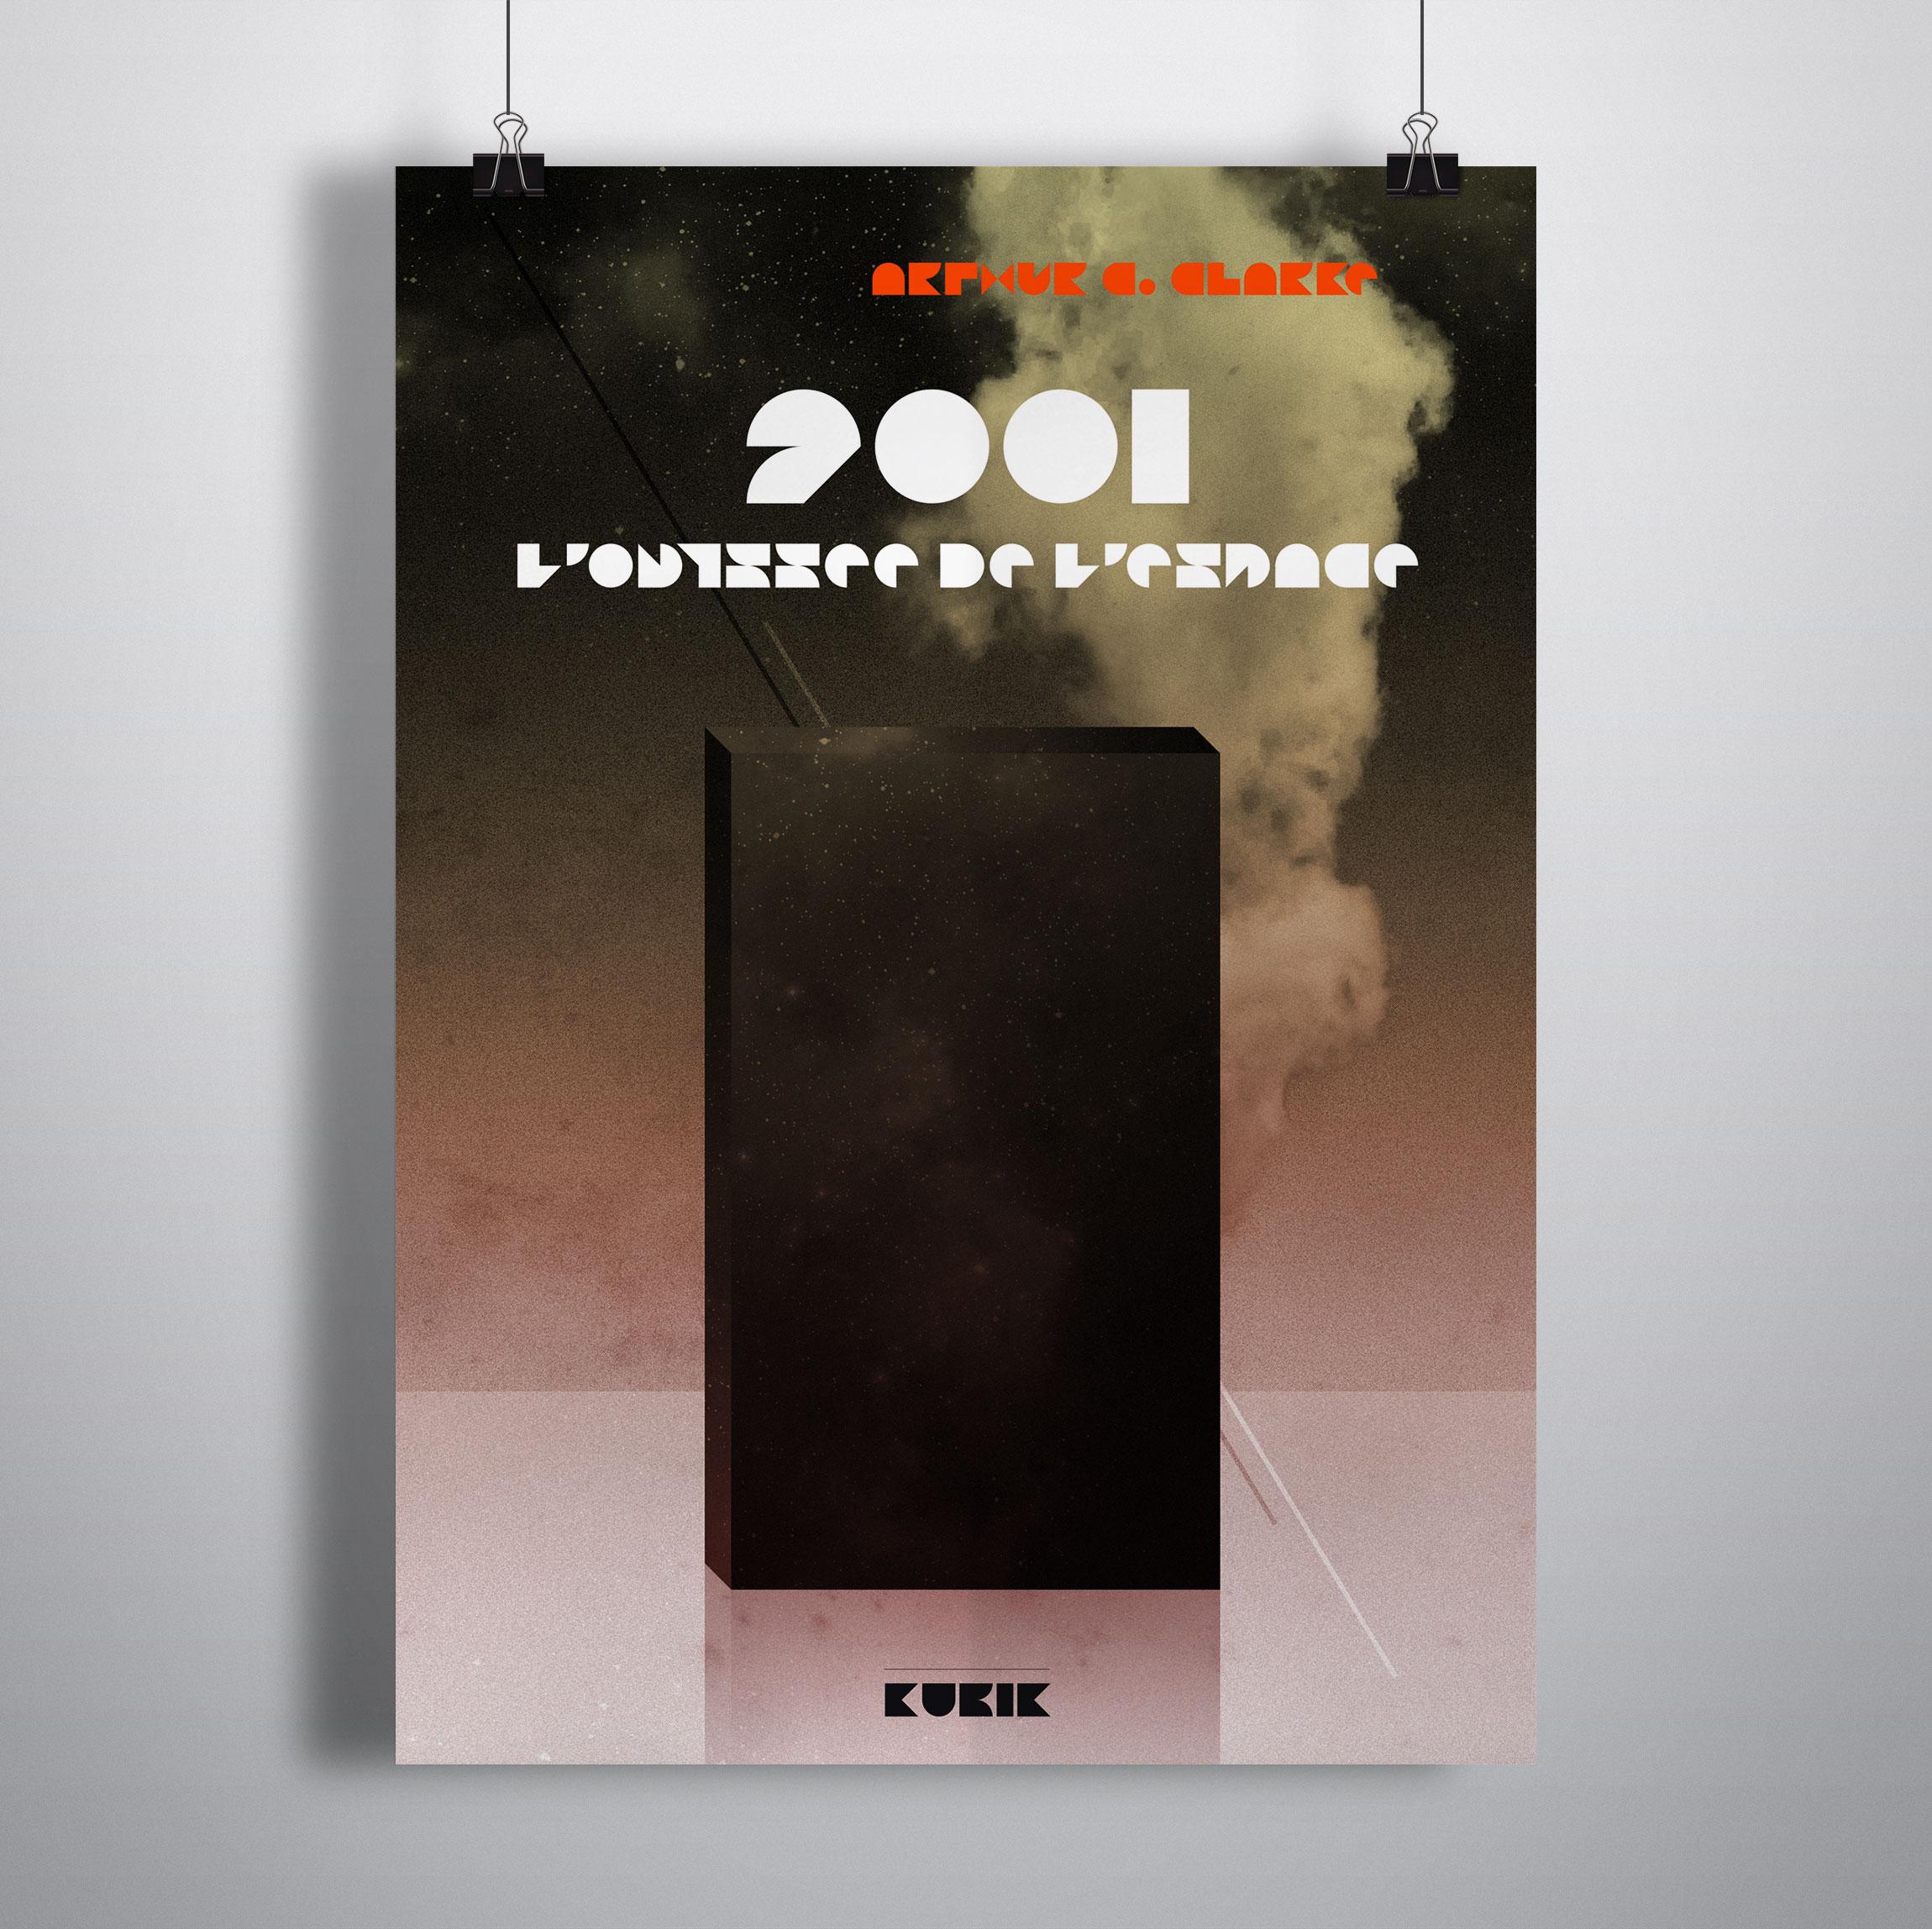 Création affiche 2001 L'ODYSSÉE DE L'ESPACE de Arthur C.CLARKE pour KUBIK